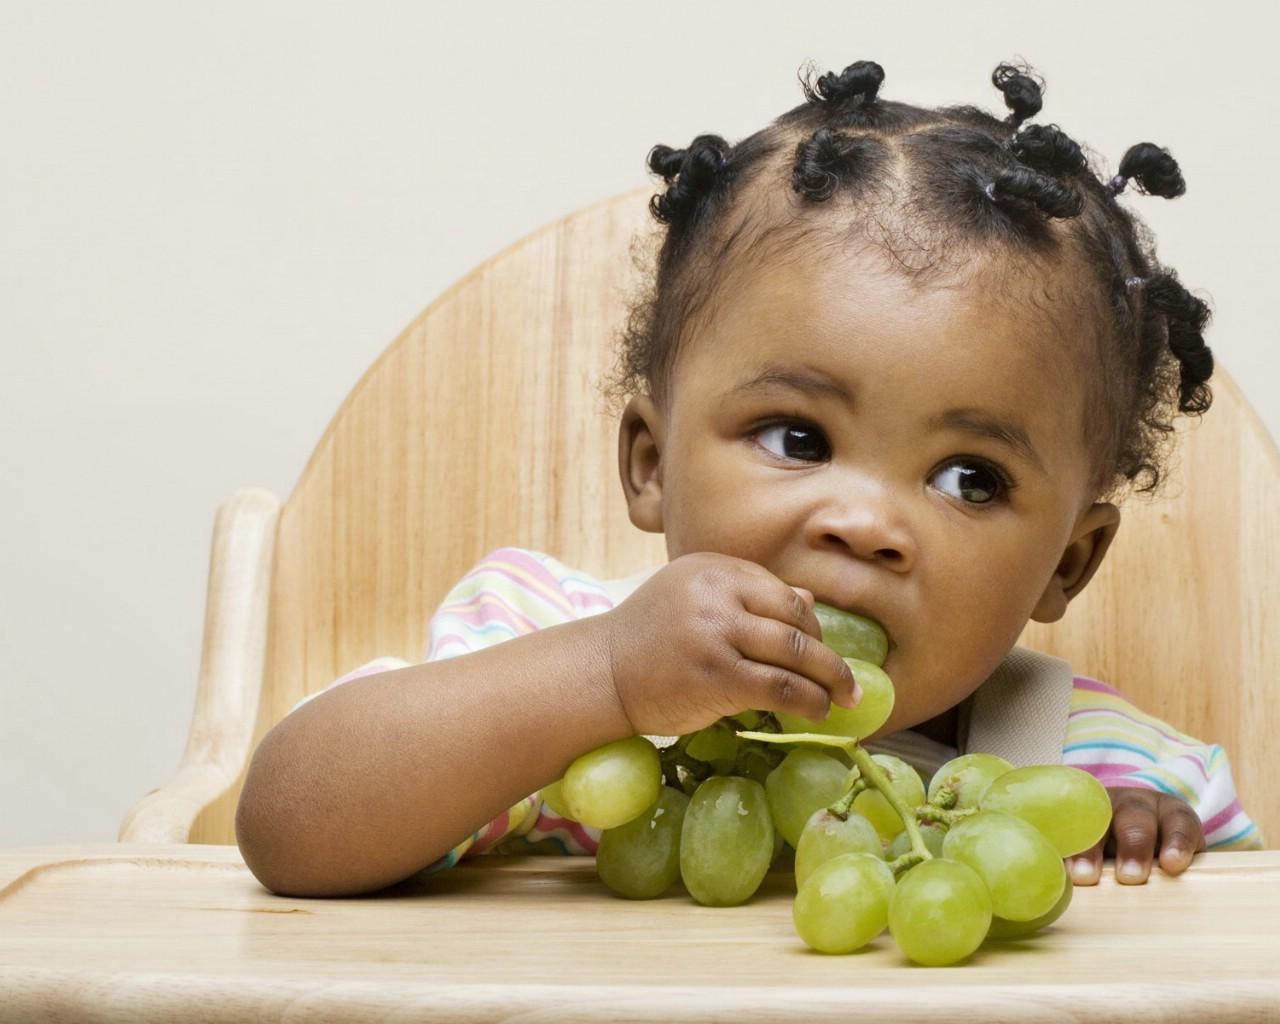 可爱的婴儿摄影照片